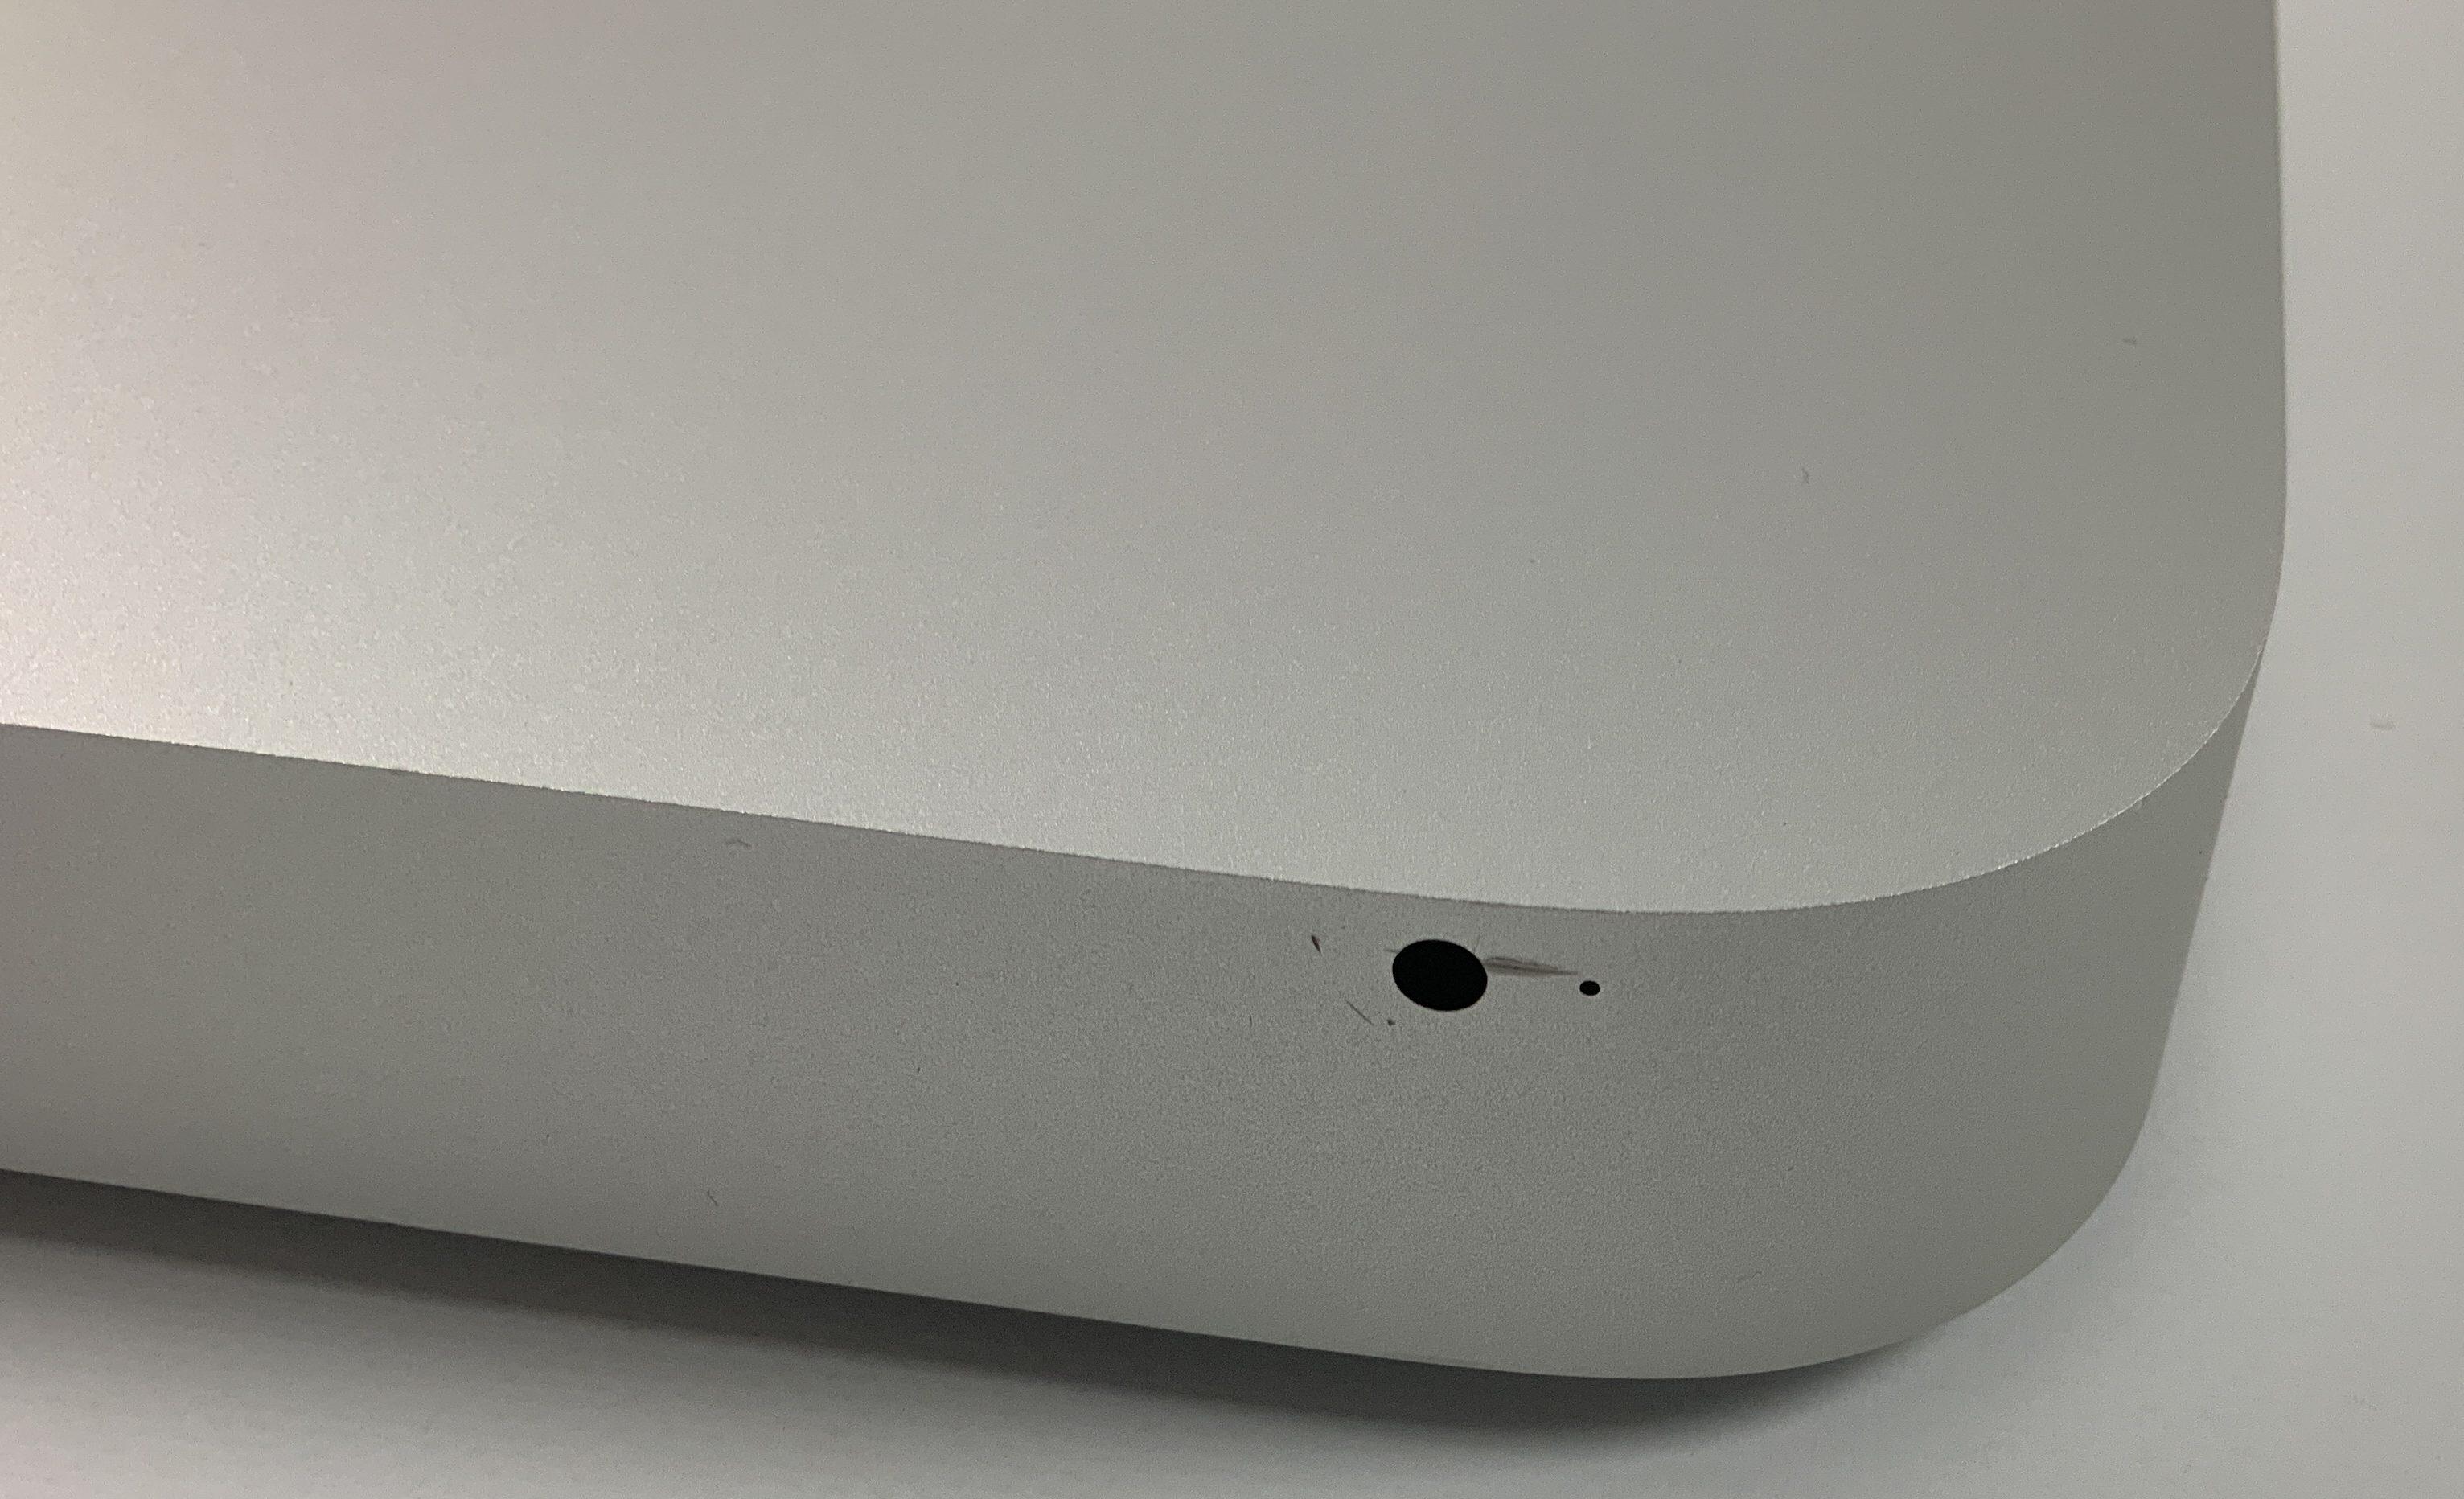 Mac Mini Late 2014 (Intel Core i5 2.6 GHz 8 GB RAM 1 TB HDD), Intel Core i5 2.6 GHz, 8 GB RAM, 1 TB HDD, Afbeelding 3